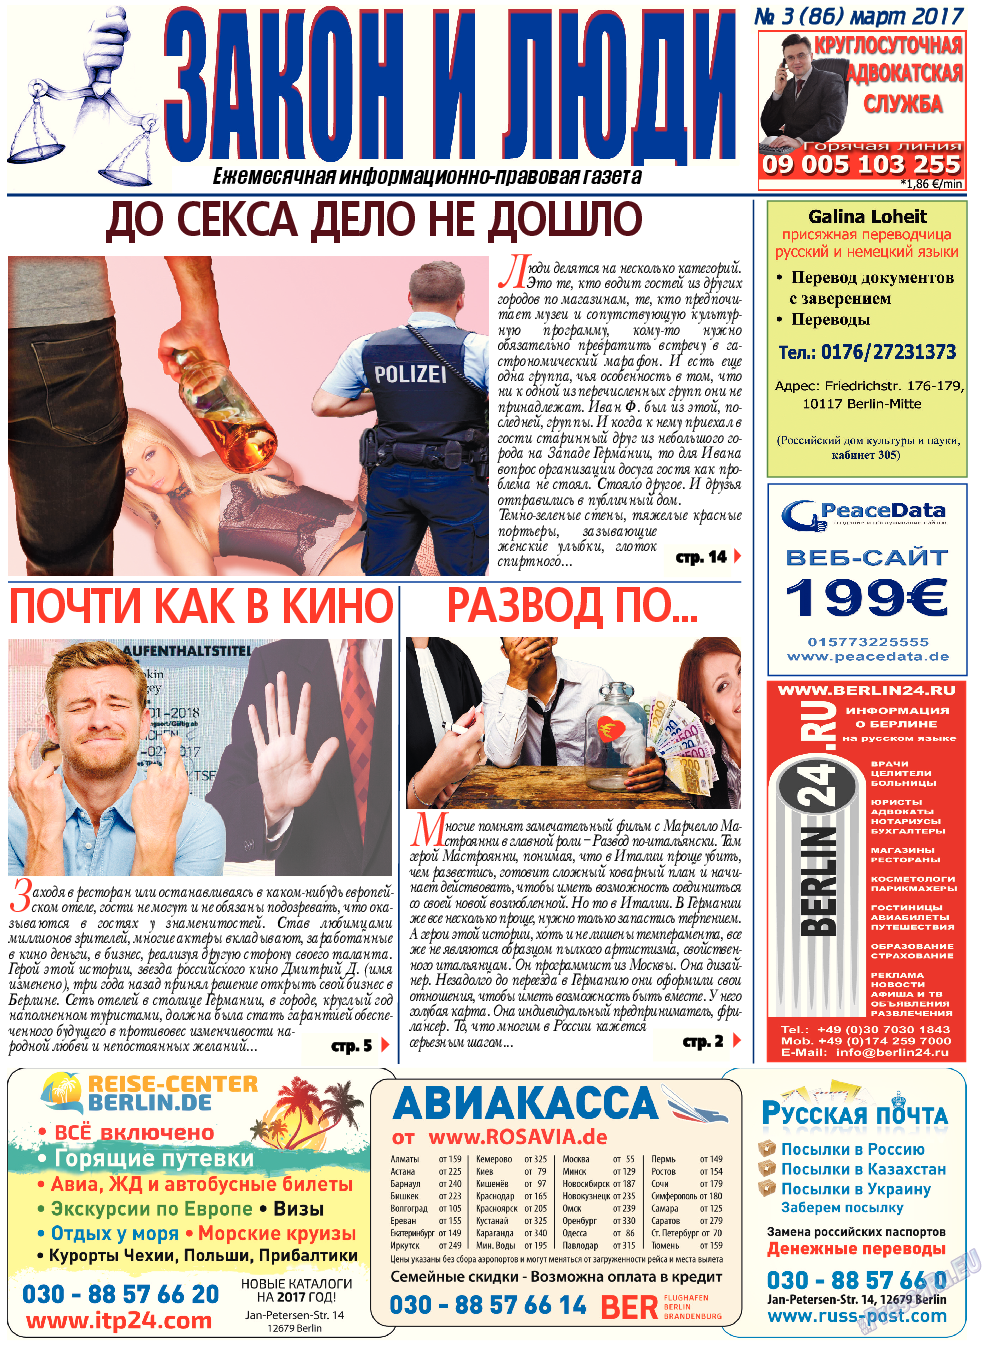 Закон и люди (газета). 2017 год, номер 3, стр. 1